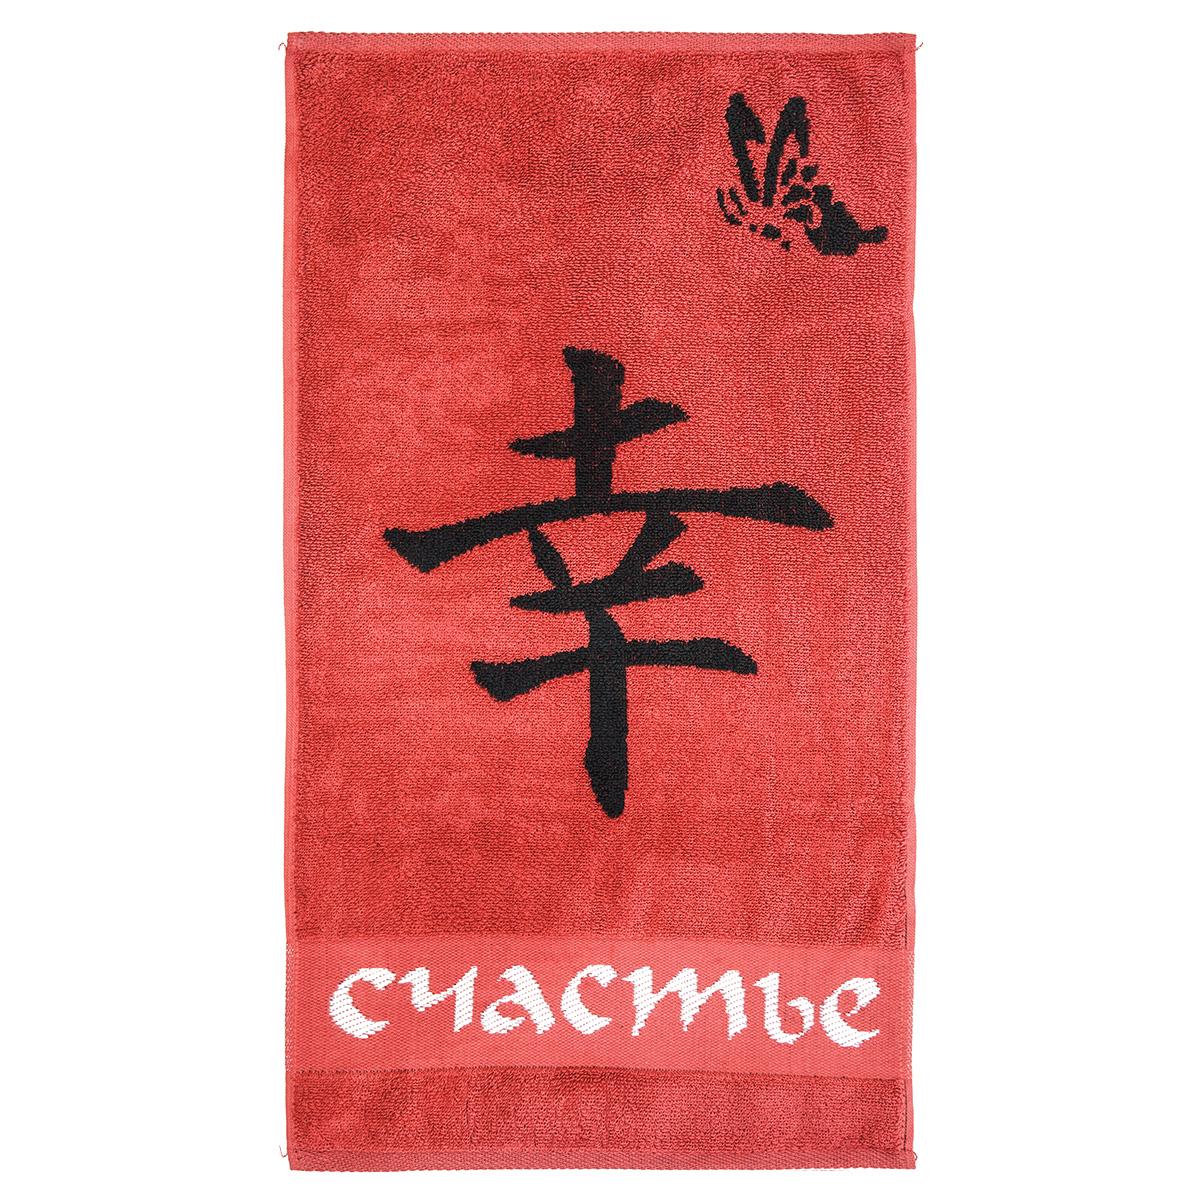 Полотенце Счастье, размер 30х60 см.Махровые полотенца<br>Плотность ткани: 420 г/кв. м<br><br>Тип: Полотенце<br>Размер: 30х60<br>Материал: Махра